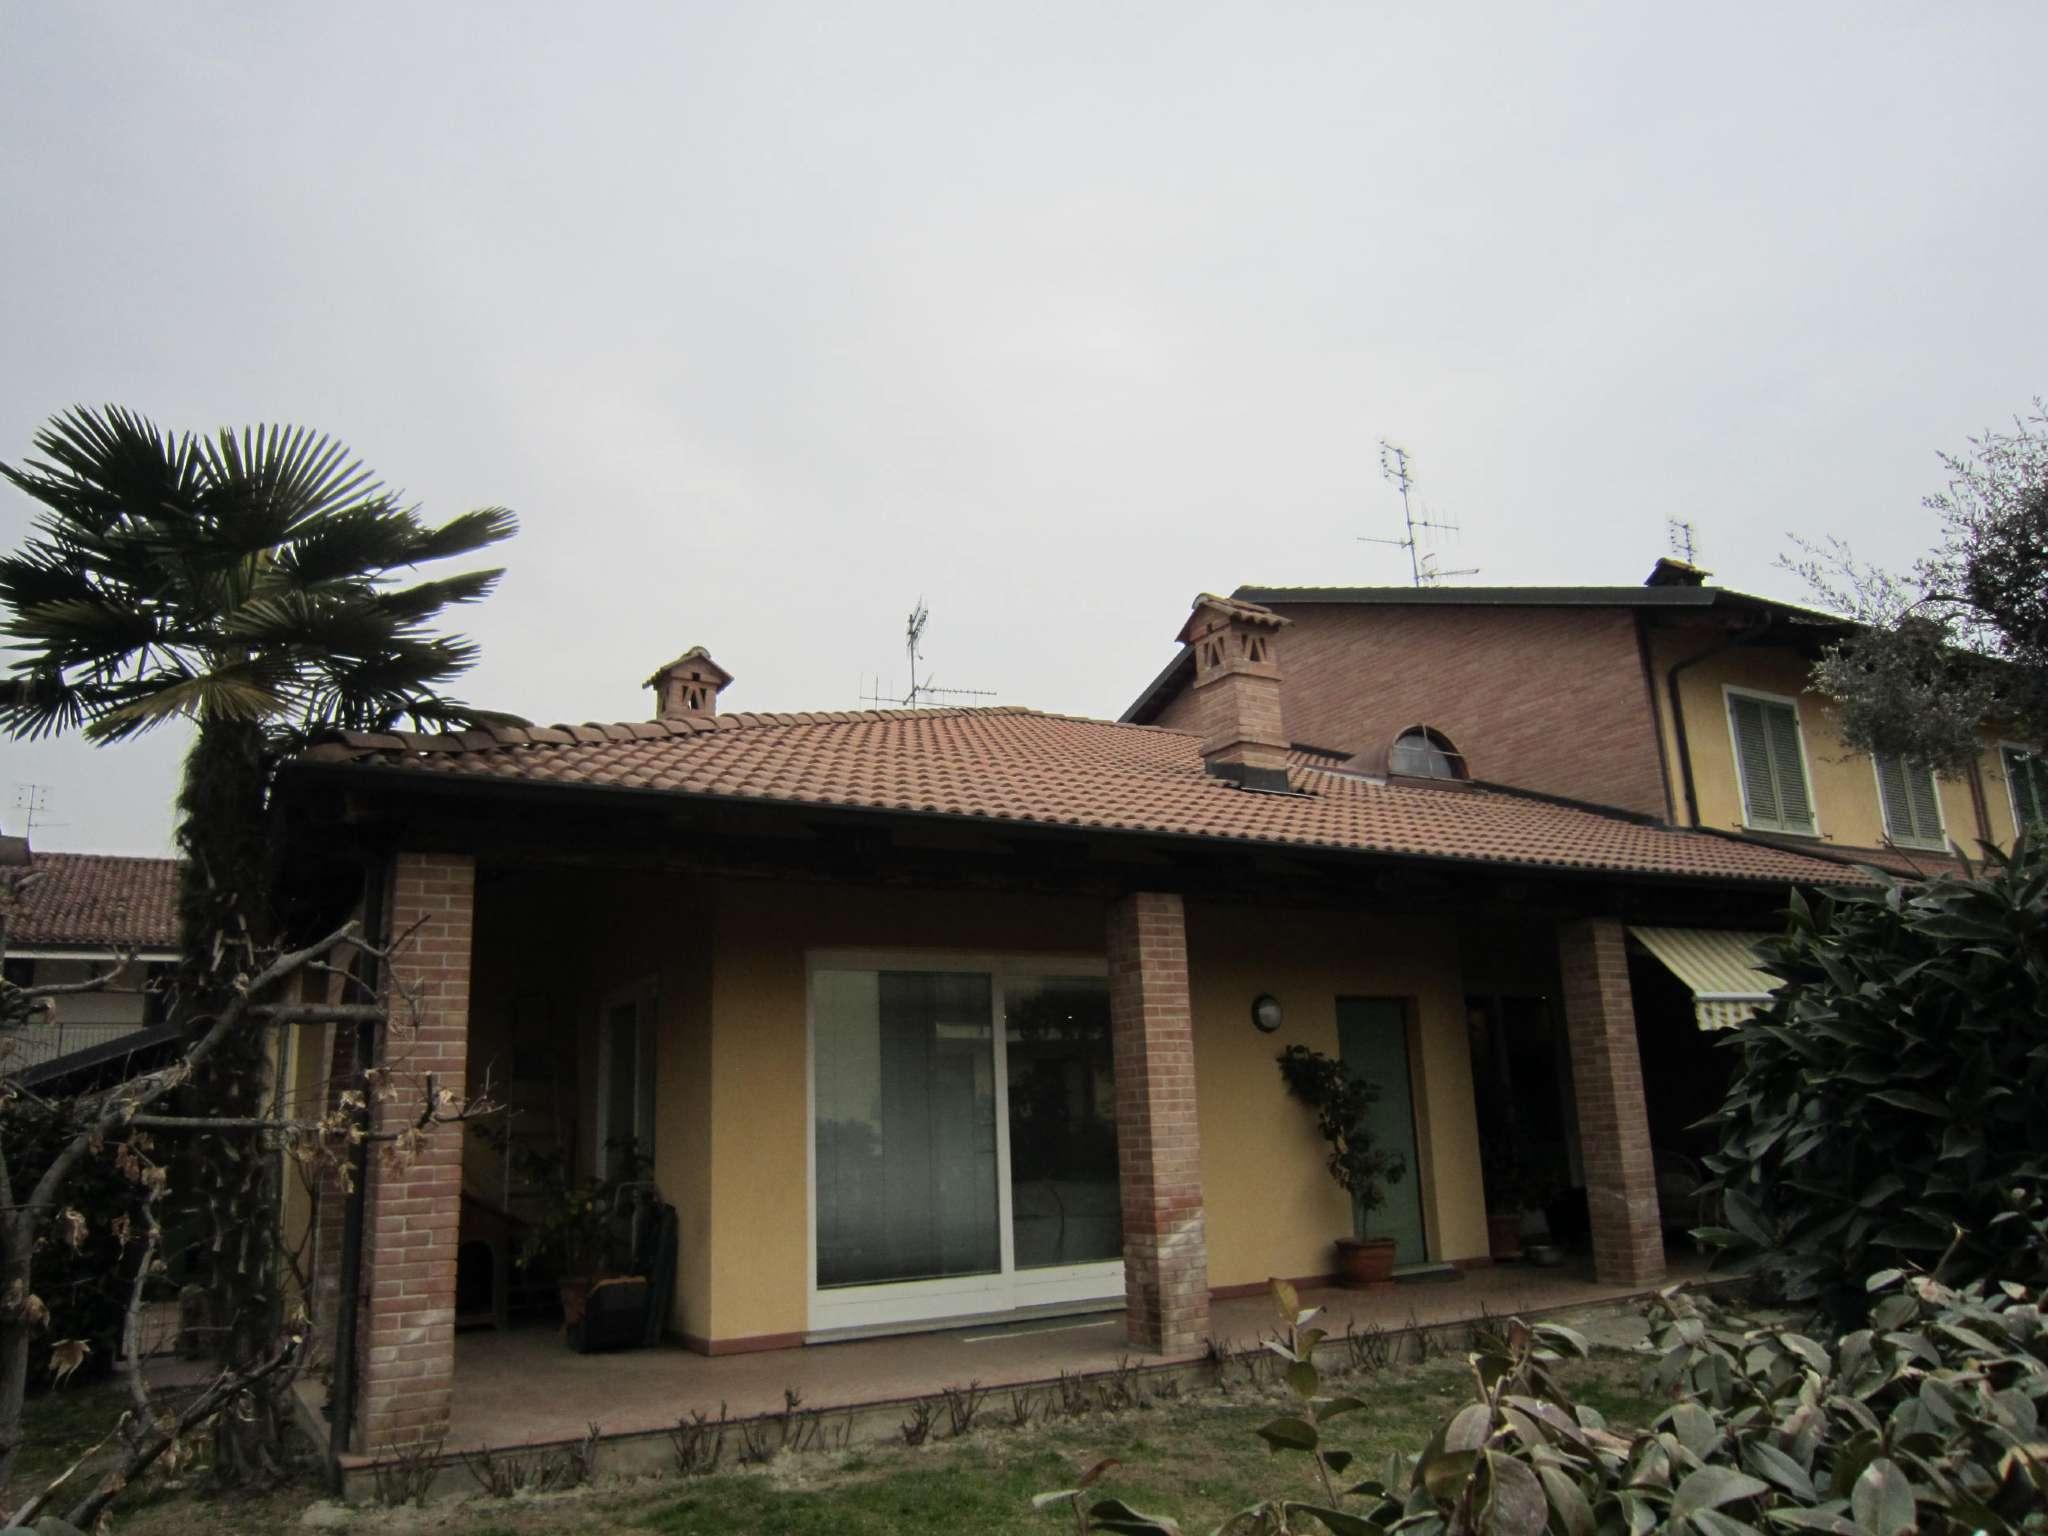 Soluzione Indipendente in vendita a Cherasco, 10 locali, prezzo € 420.000 | CambioCasa.it